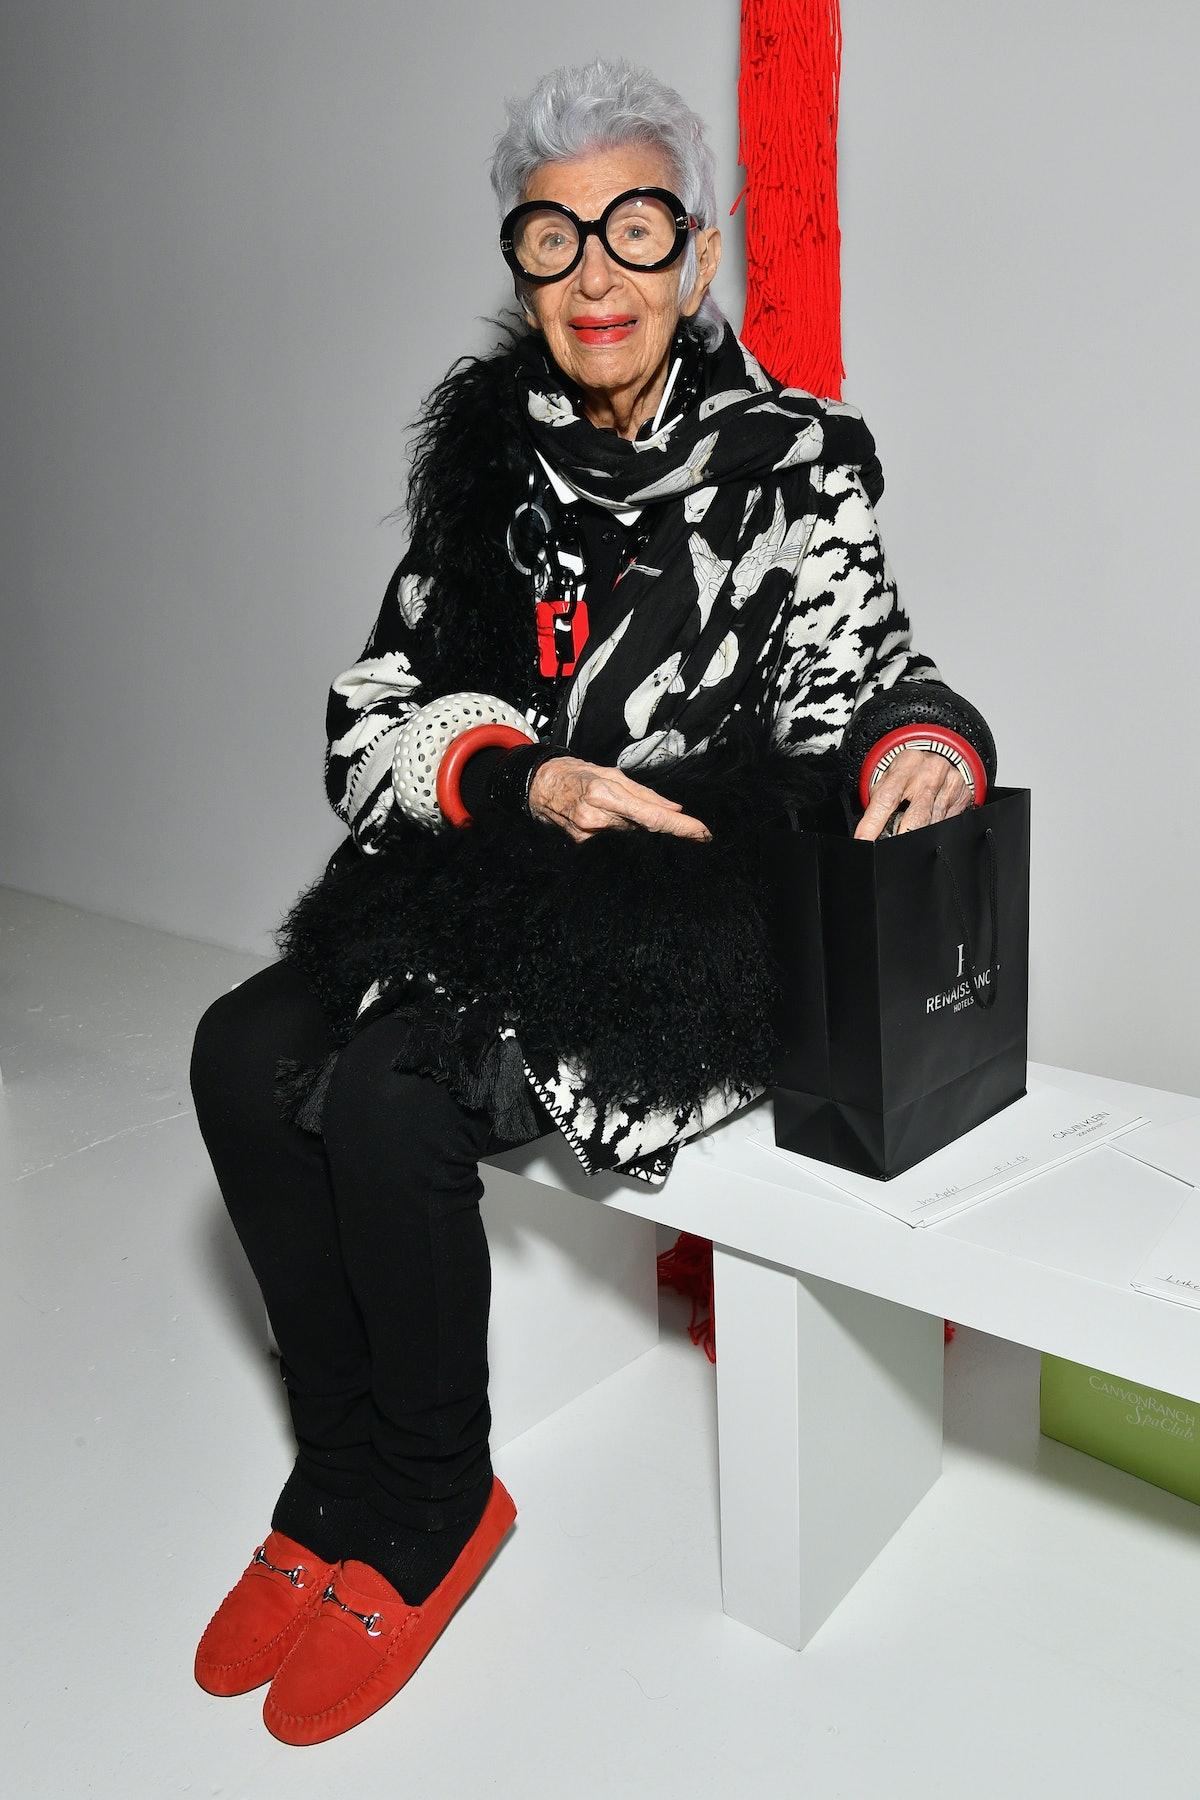 آیریس آپفل در نمایش کالوین کلاین کفش قرمز پوشیده است